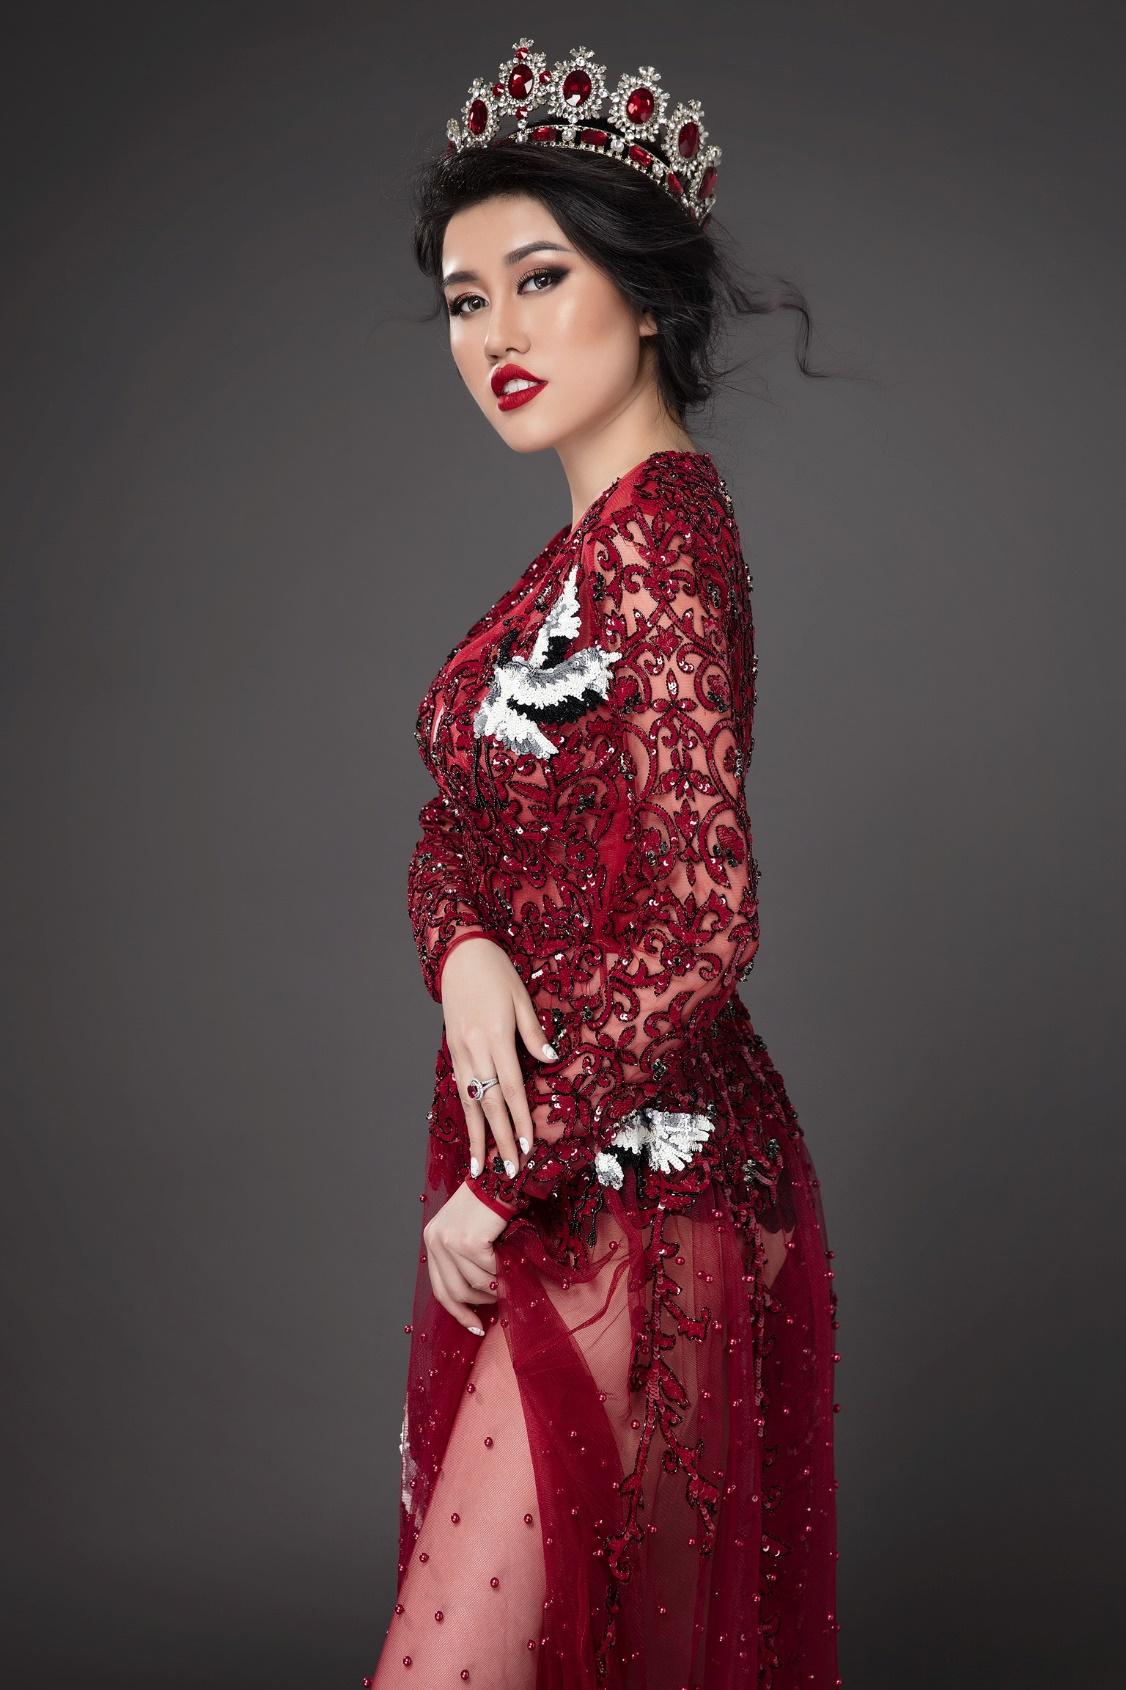 Hoa hậu Du lịch Emily Hồng Nhung đón sinh nhật đặc biệt cùng những chú cá heo tại Singapore - Ảnh 5.